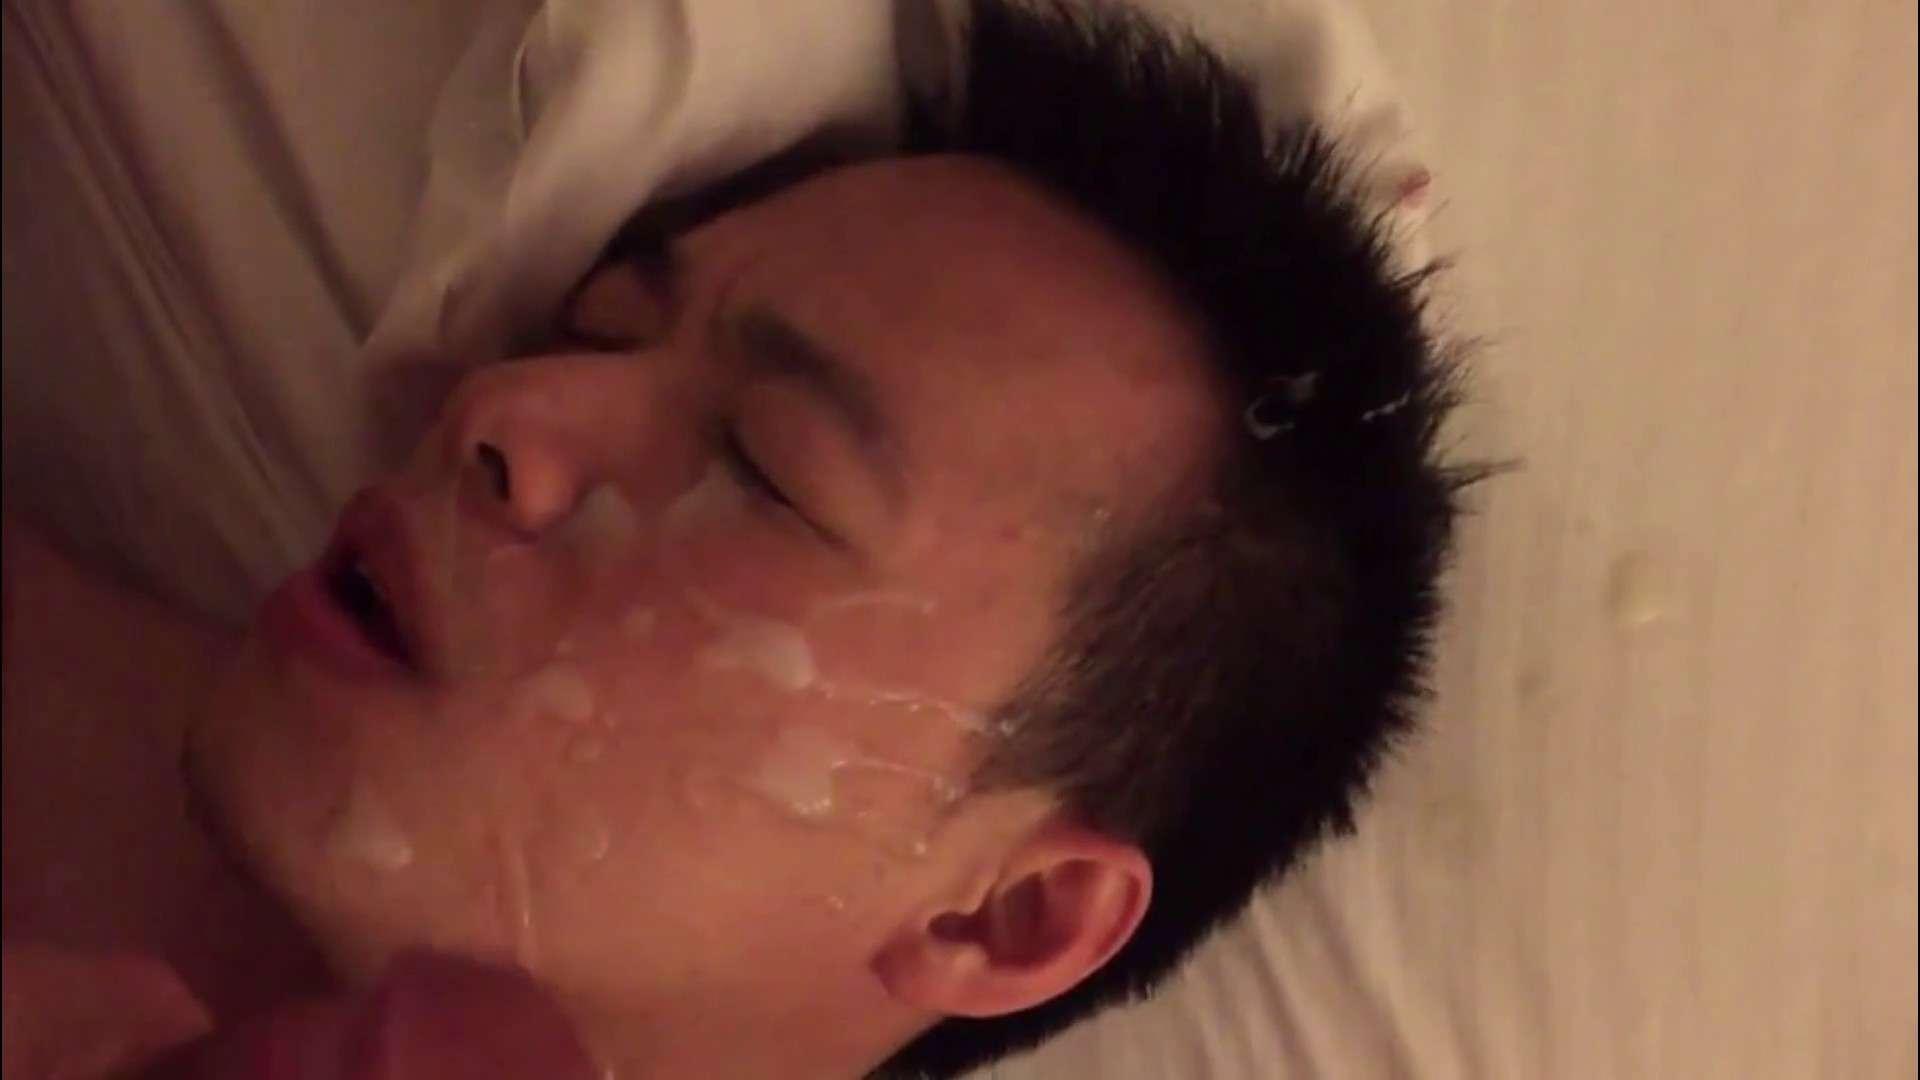 エロいフェラシーンをピックアップvol43 男まつり ゲイ無修正動画画像 96枚 74